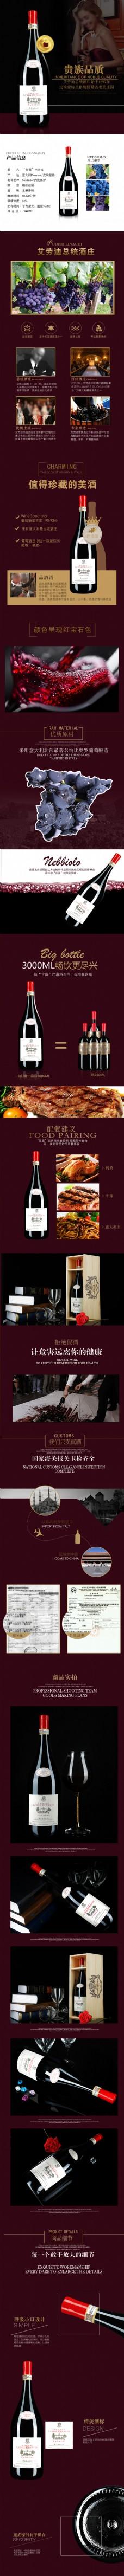 葡萄酒红酒详情页面海报免费下载